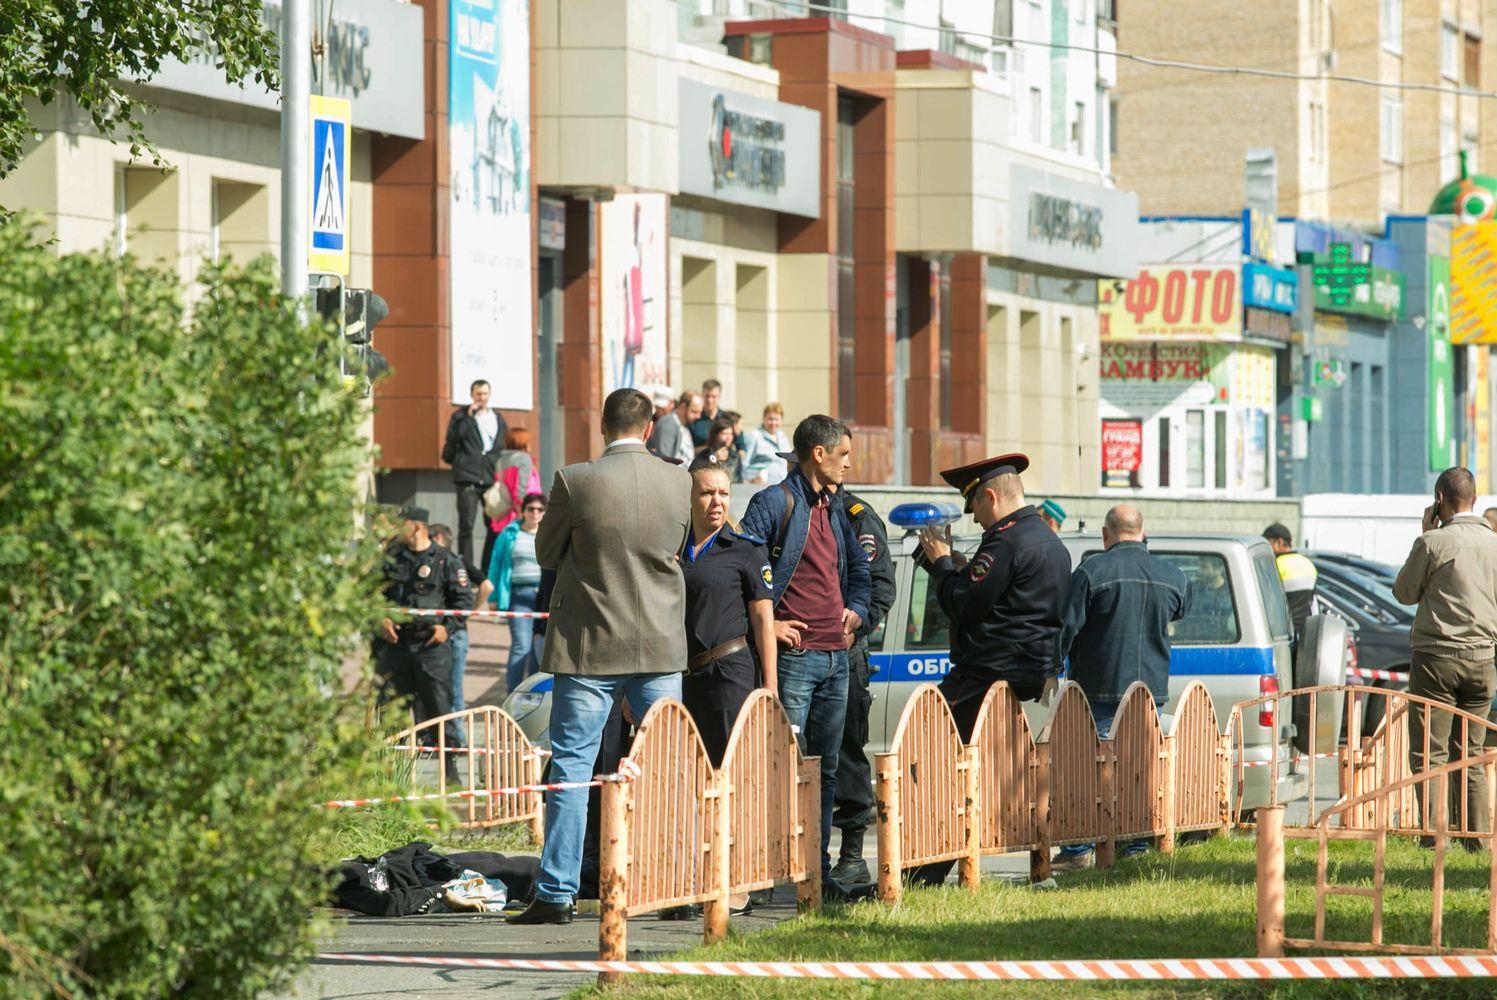 Islamo valstybė prisiėmė atsakomybę už ginkluotą užpuolimą Rusijoje